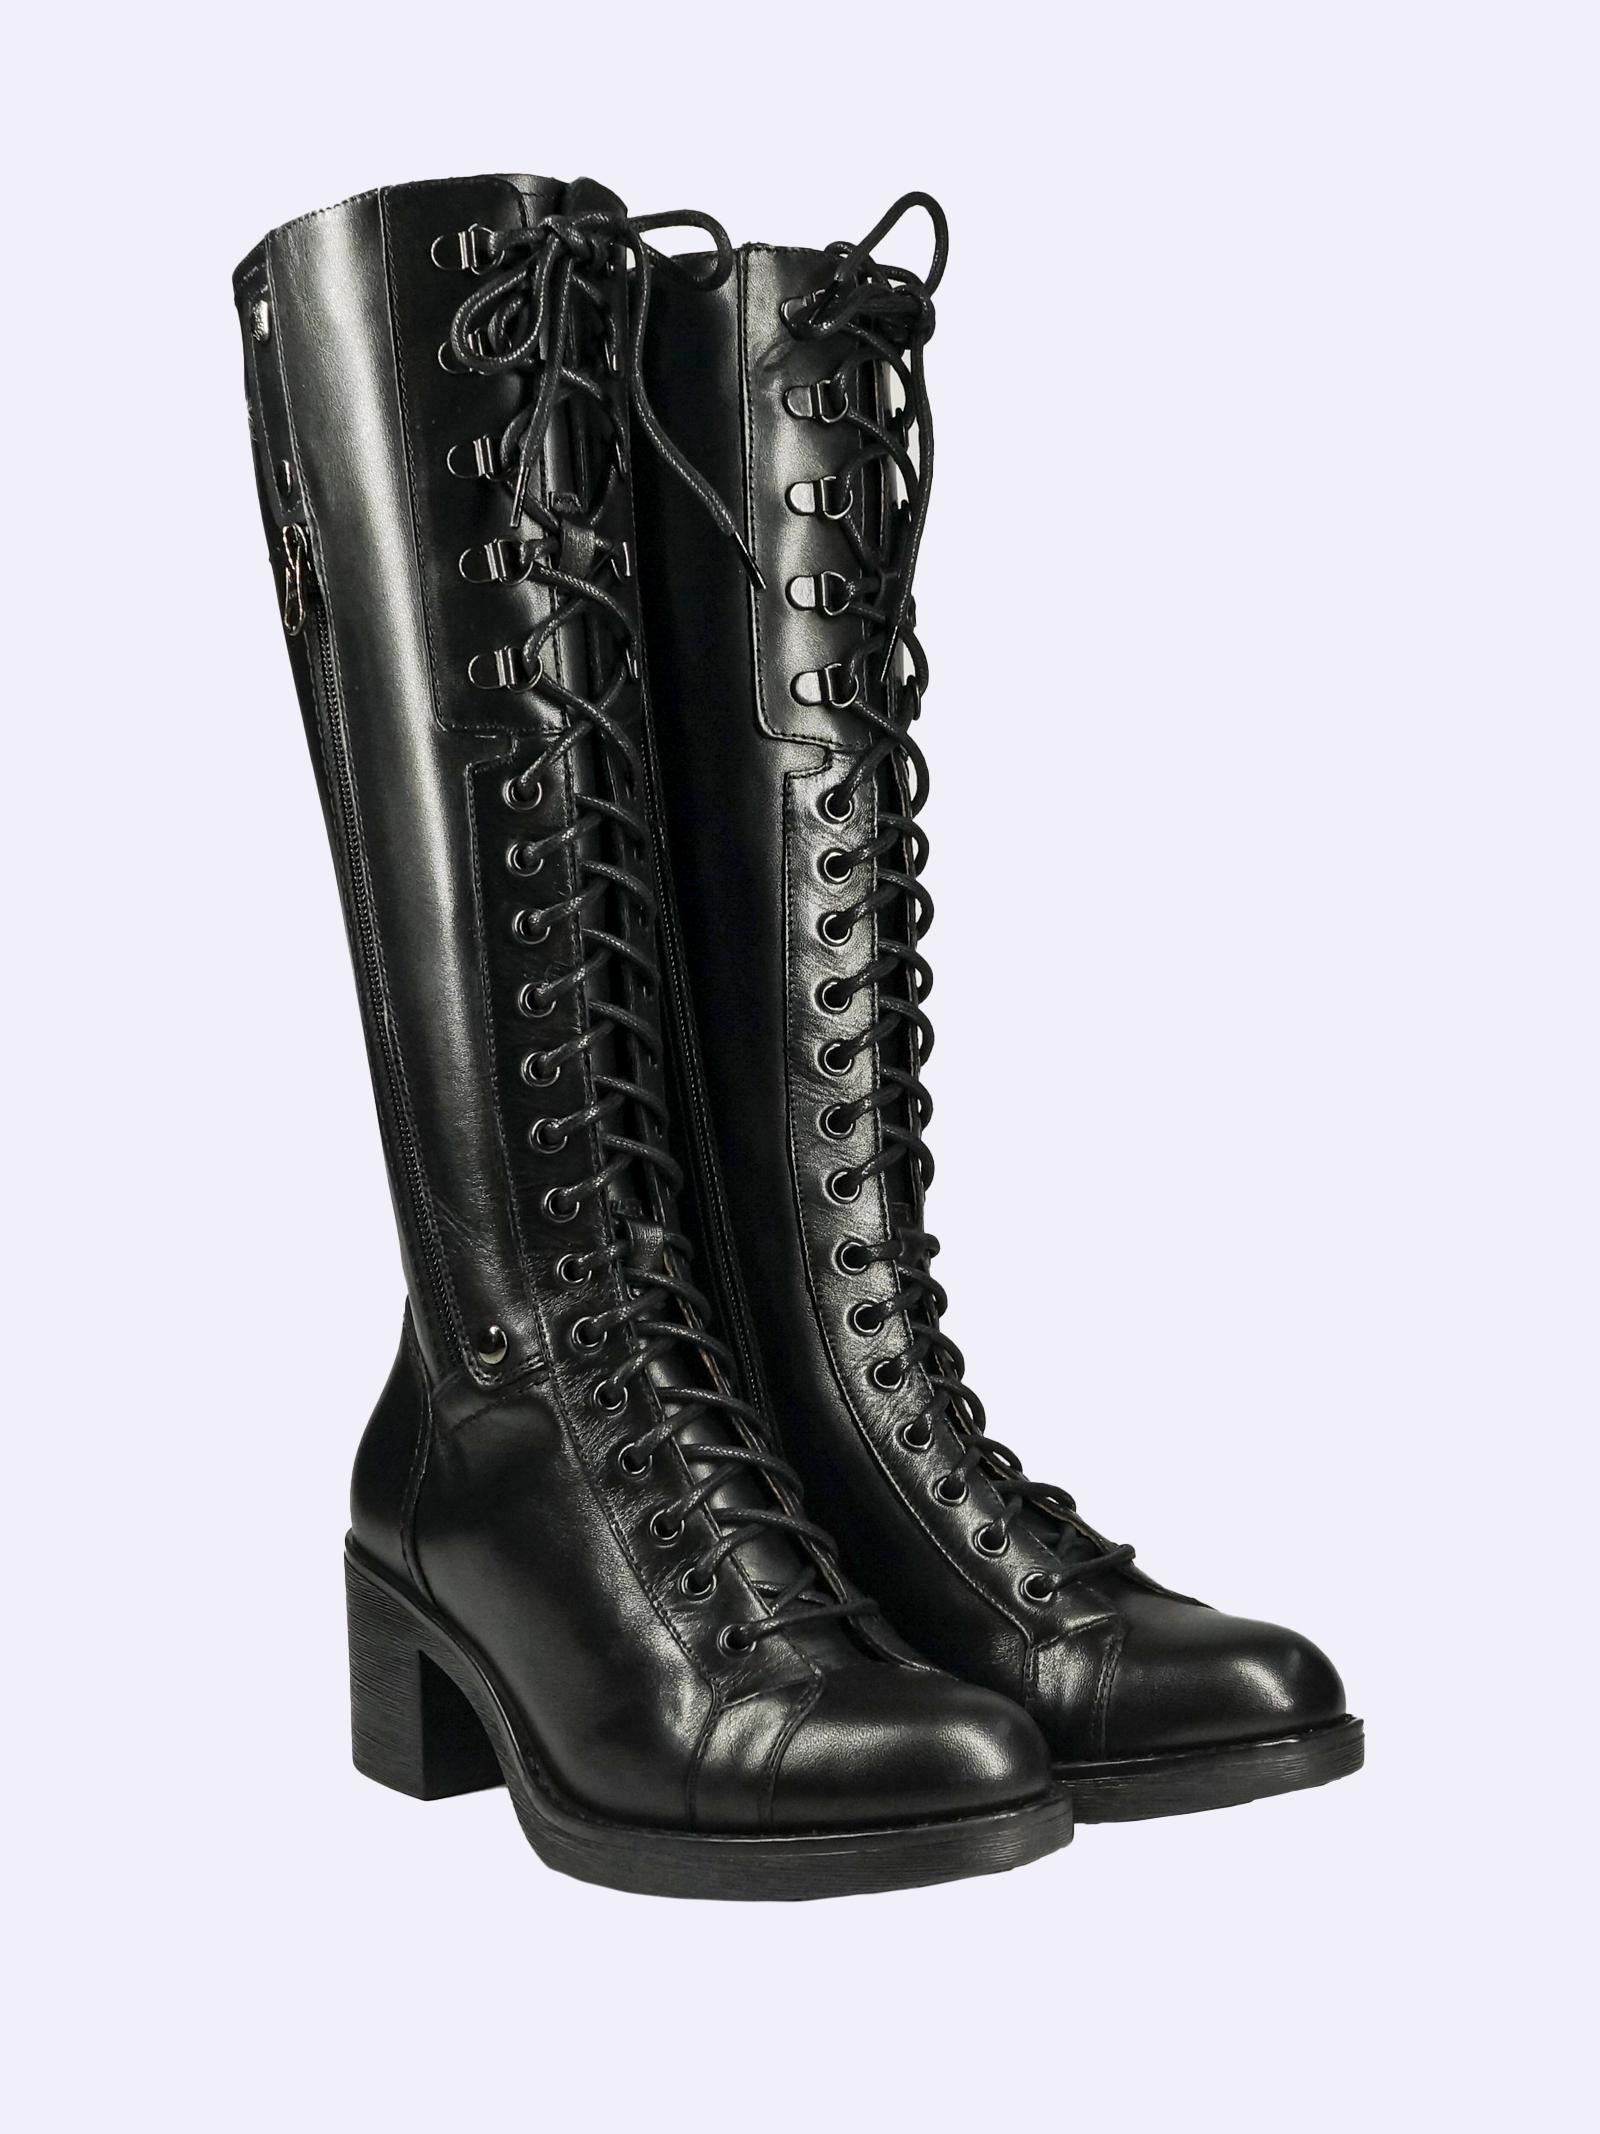 Stivali Donna con Lacci in Pelle Nero Giardini Nero Giardini | Stivali | I014161D100